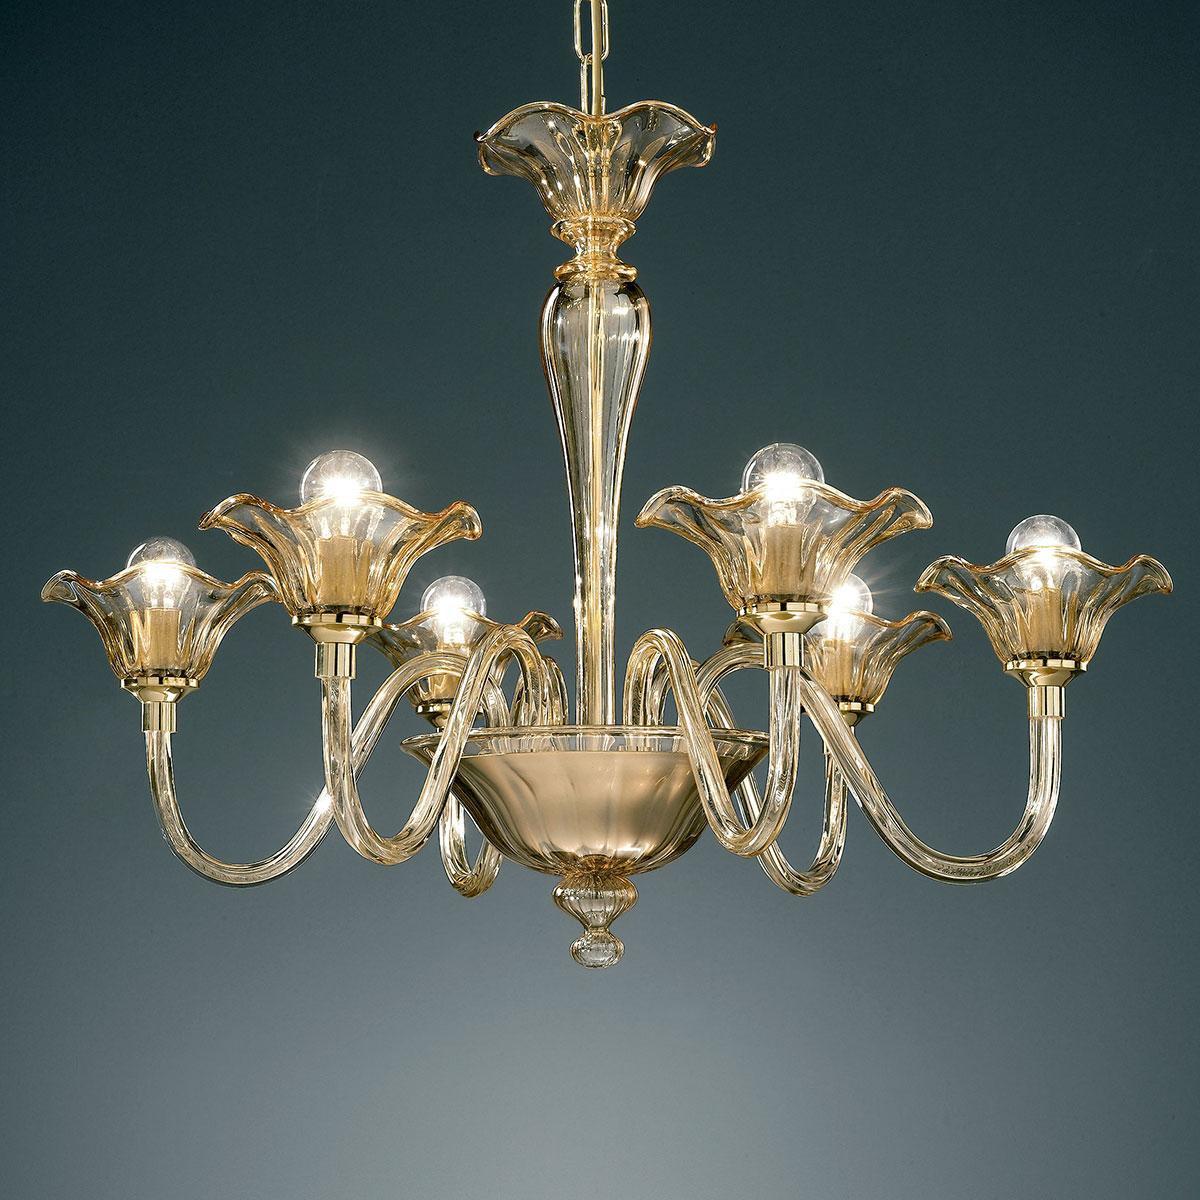 """""""Capuleto"""" lampara de araña de Murano - 6 luces - ámbar"""